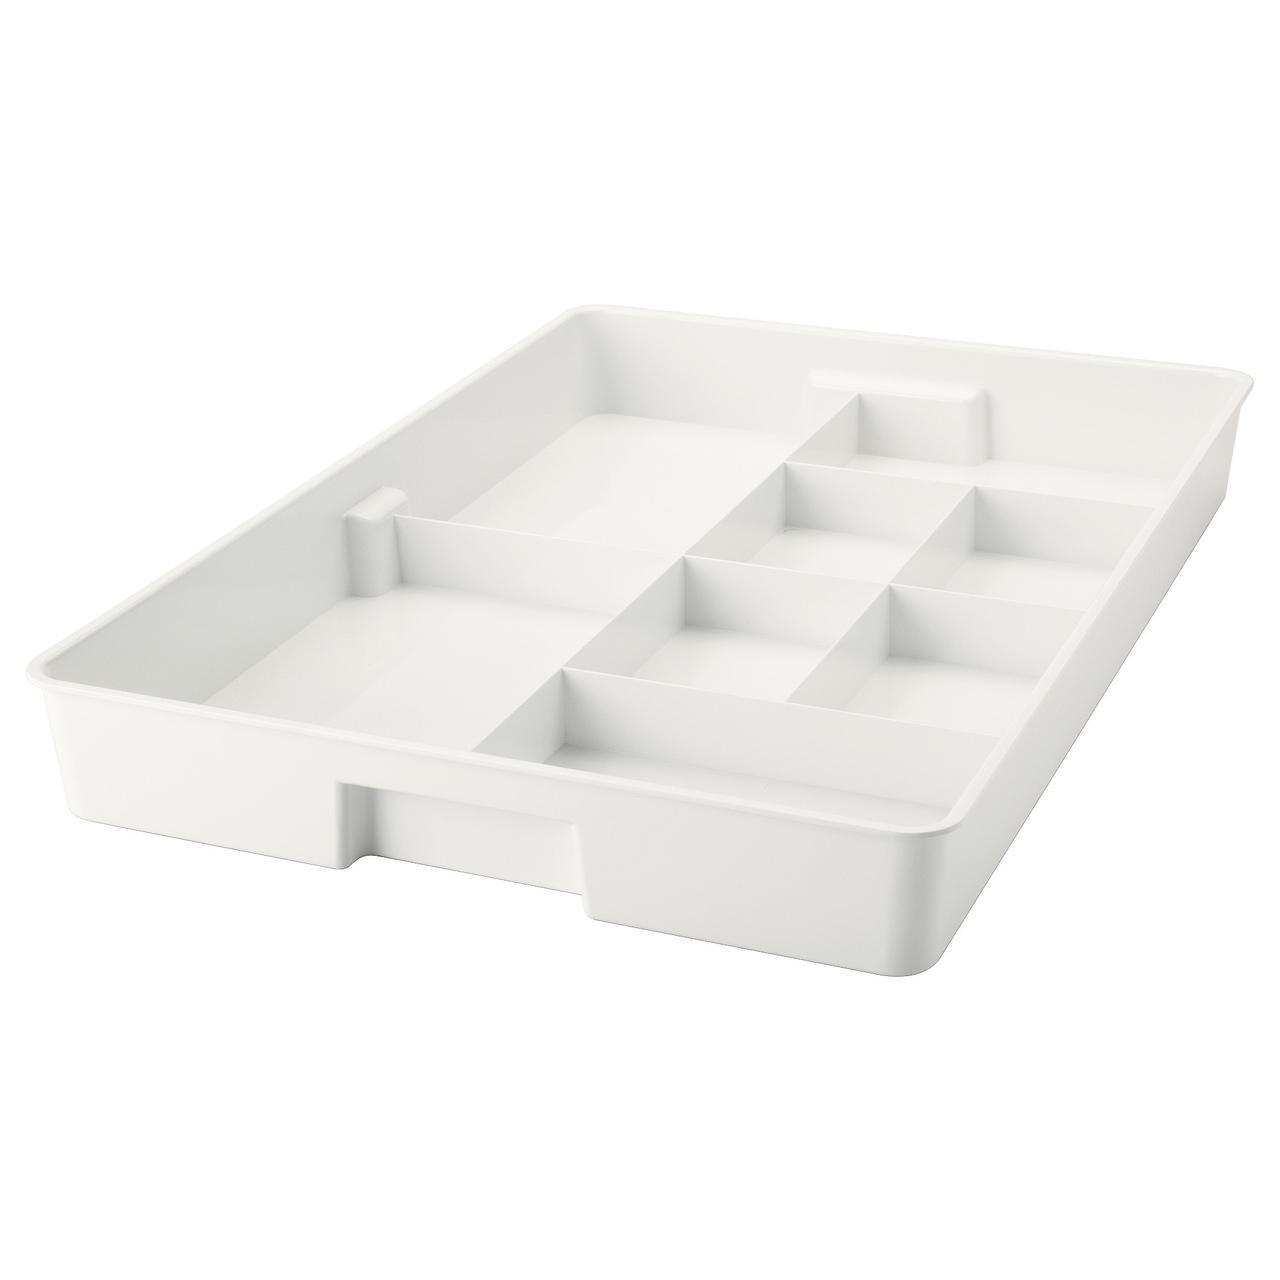 IKEA KUGGIS (002.802.08) Вставка с 6 отсеками, белый